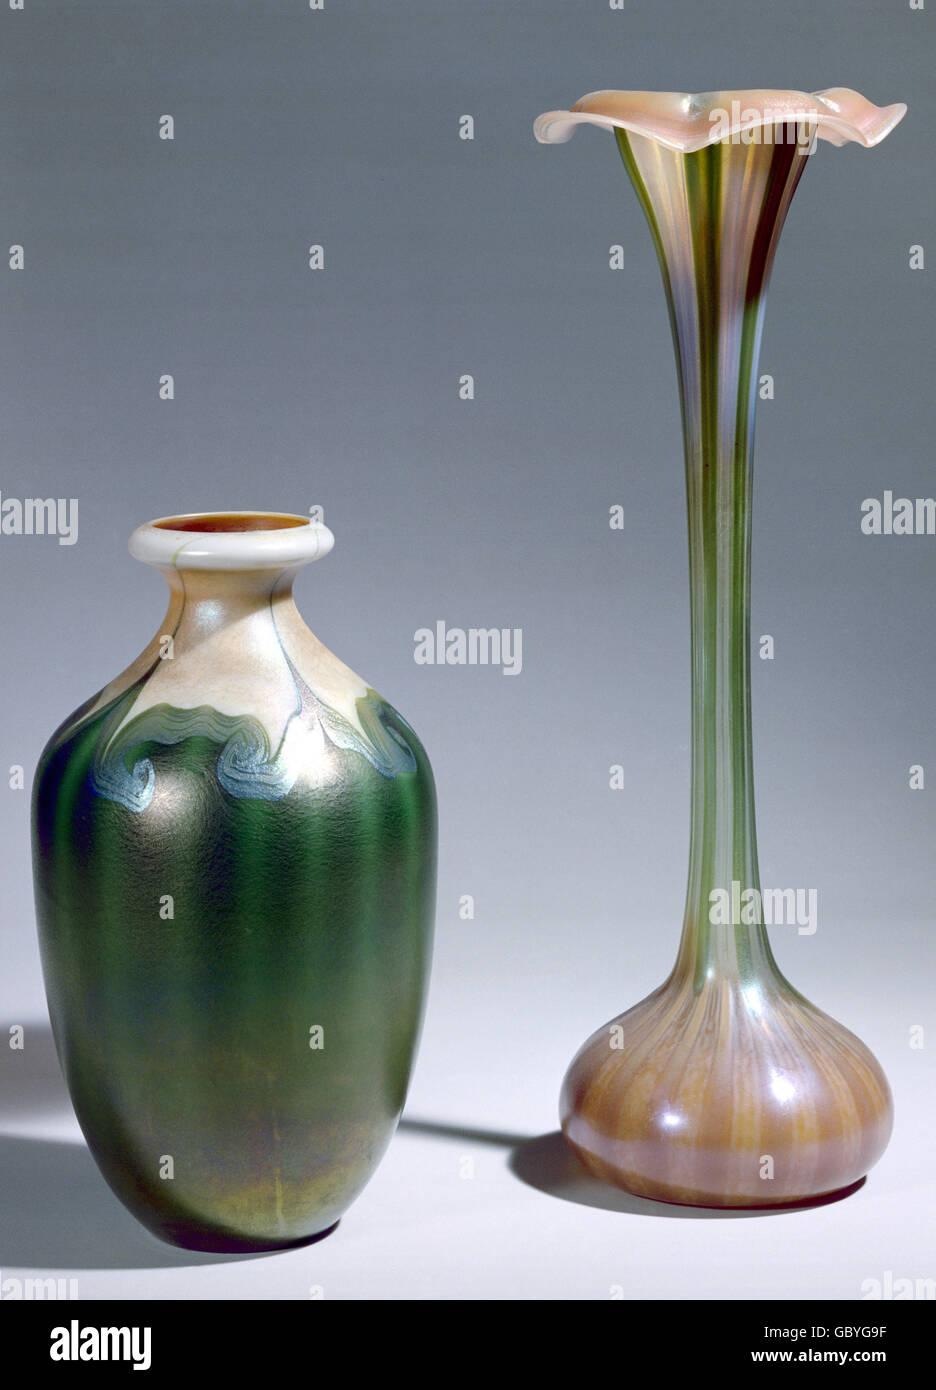 bildende kunst jugendstil vase zwei vasen die aus favrile glas tiffany new york 1900. Black Bedroom Furniture Sets. Home Design Ideas